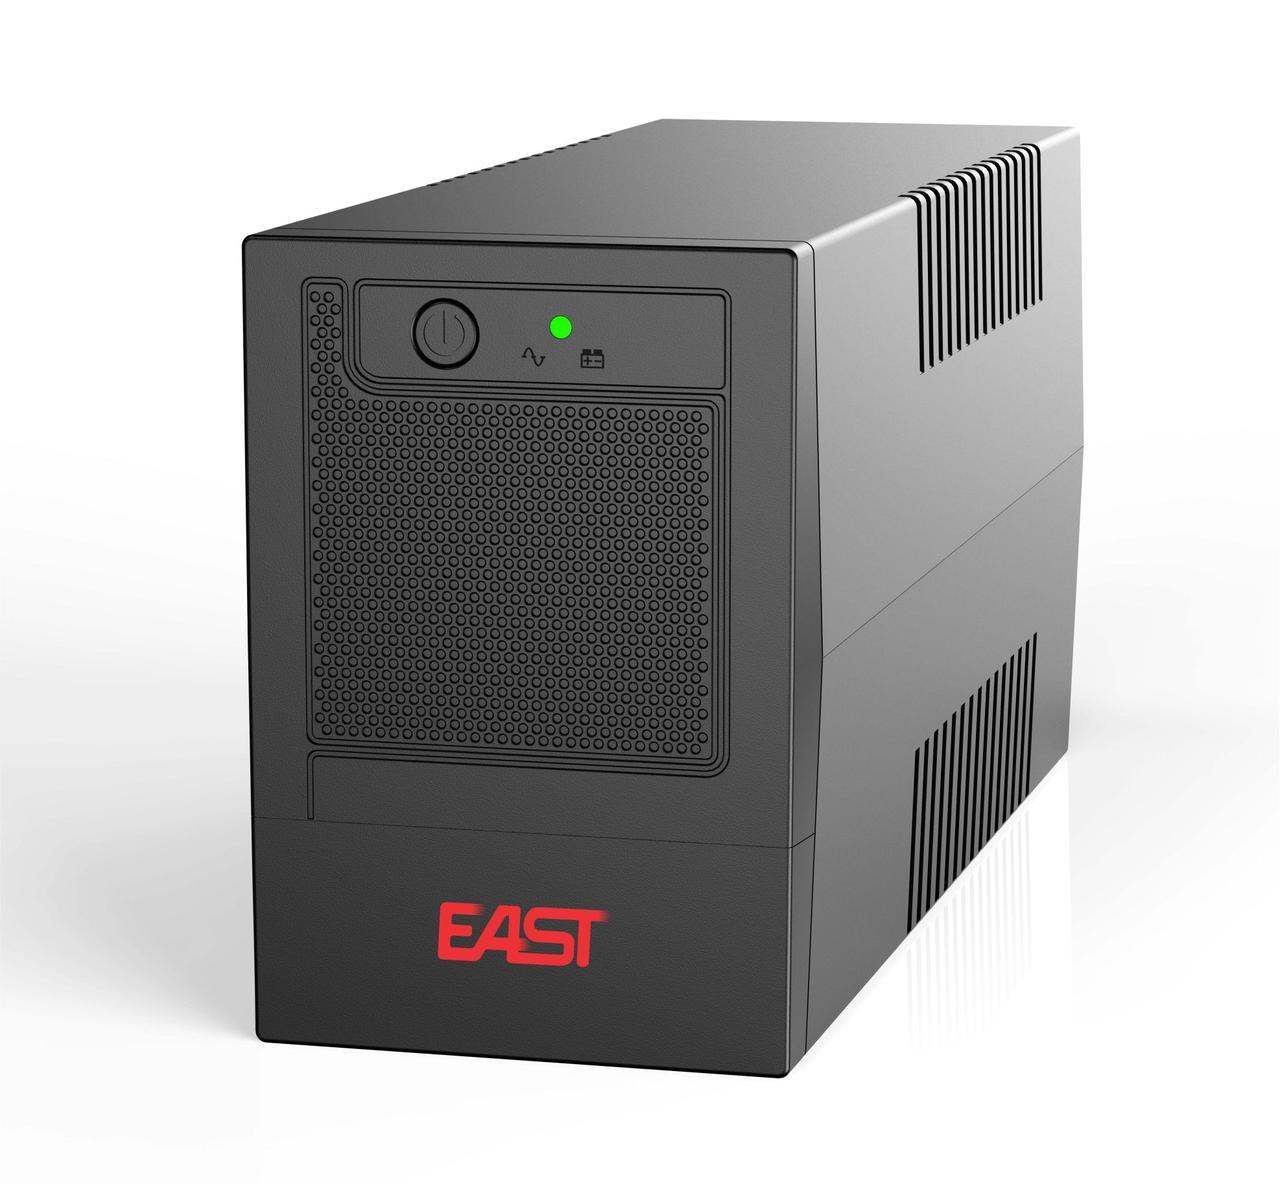 ИБП 500ВА / 300Вт c АКБ 4.5Ач, 3 Schuko CEE7, 1 IEC C13, EA200, источник бесперебойного питания